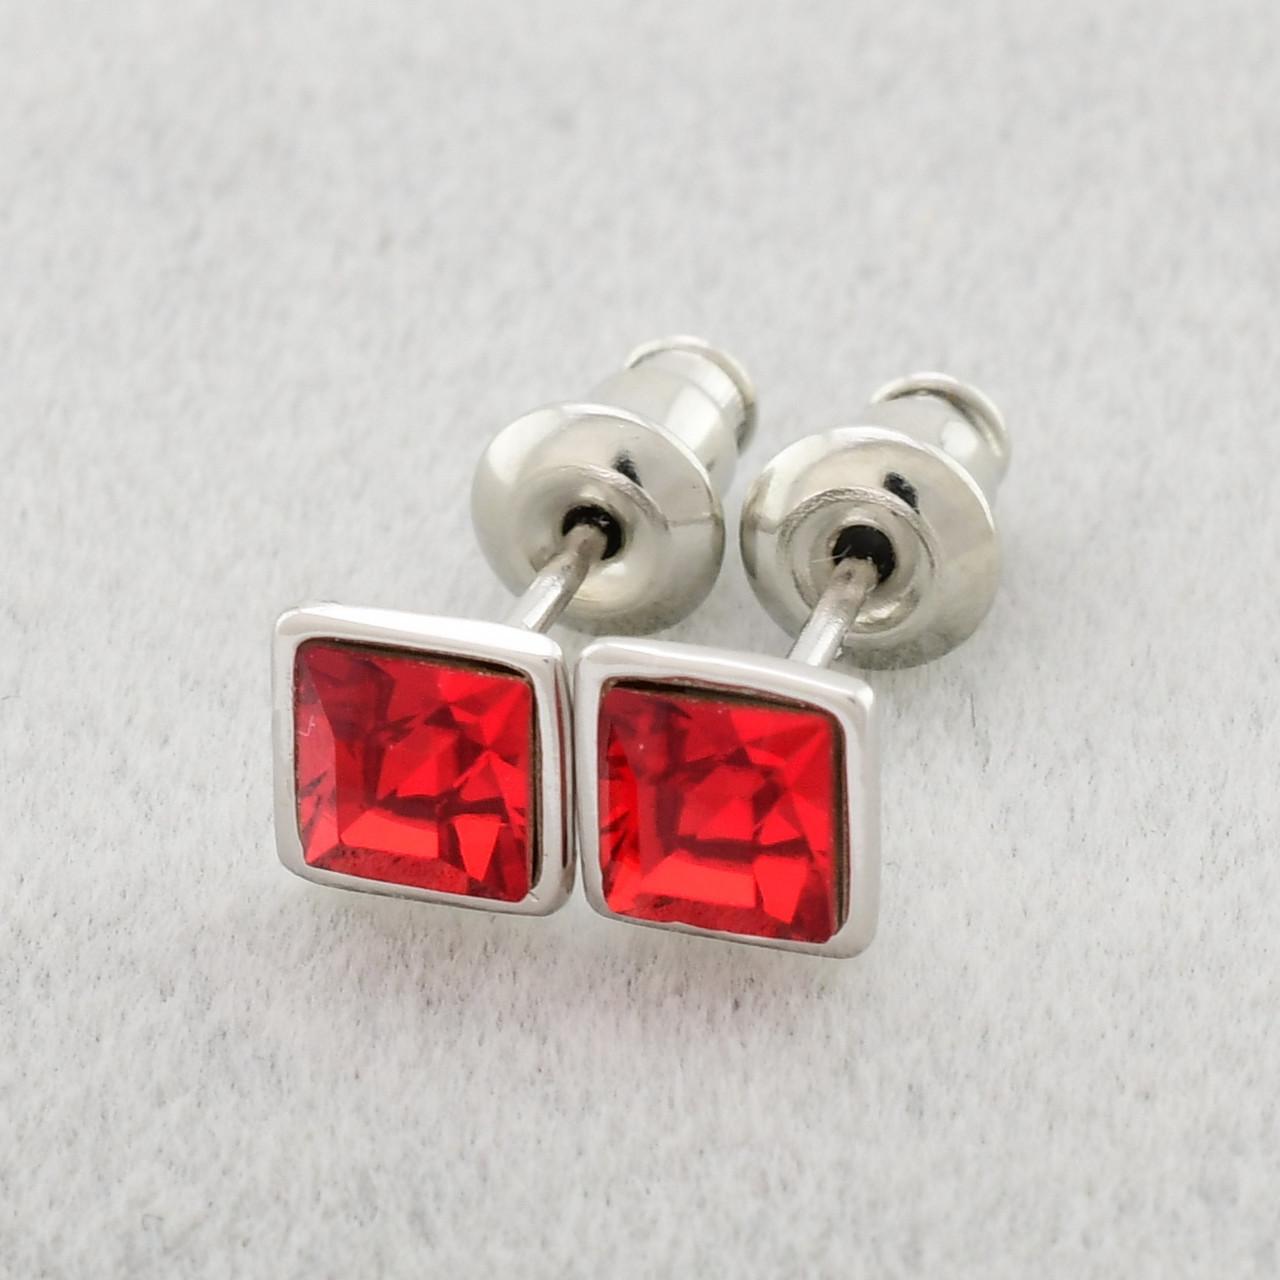 Серьги Xuping с кристаллами Swarovski 83029БЗ размер 5х5 мм цвет красный позолота Белое Золото